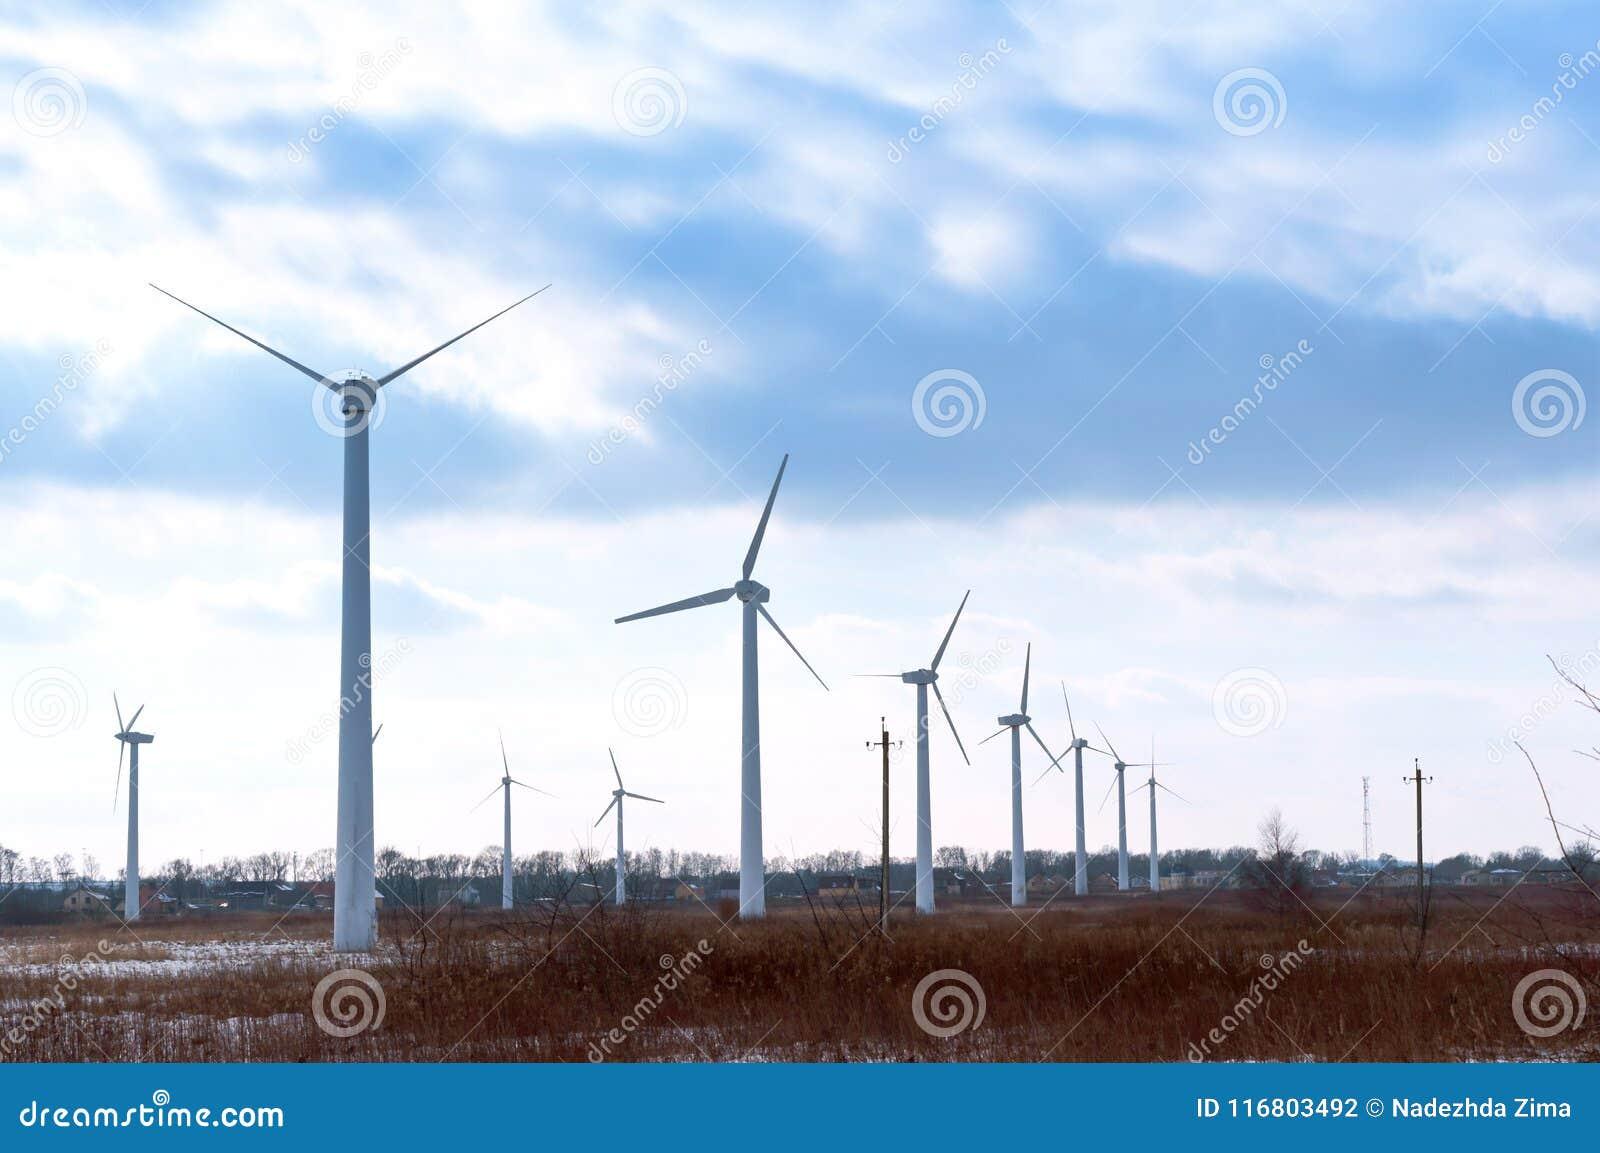 Generatore eolico, generatore eolico, centrali eoliche, tipo ecologico di energia, elettricità dal vento